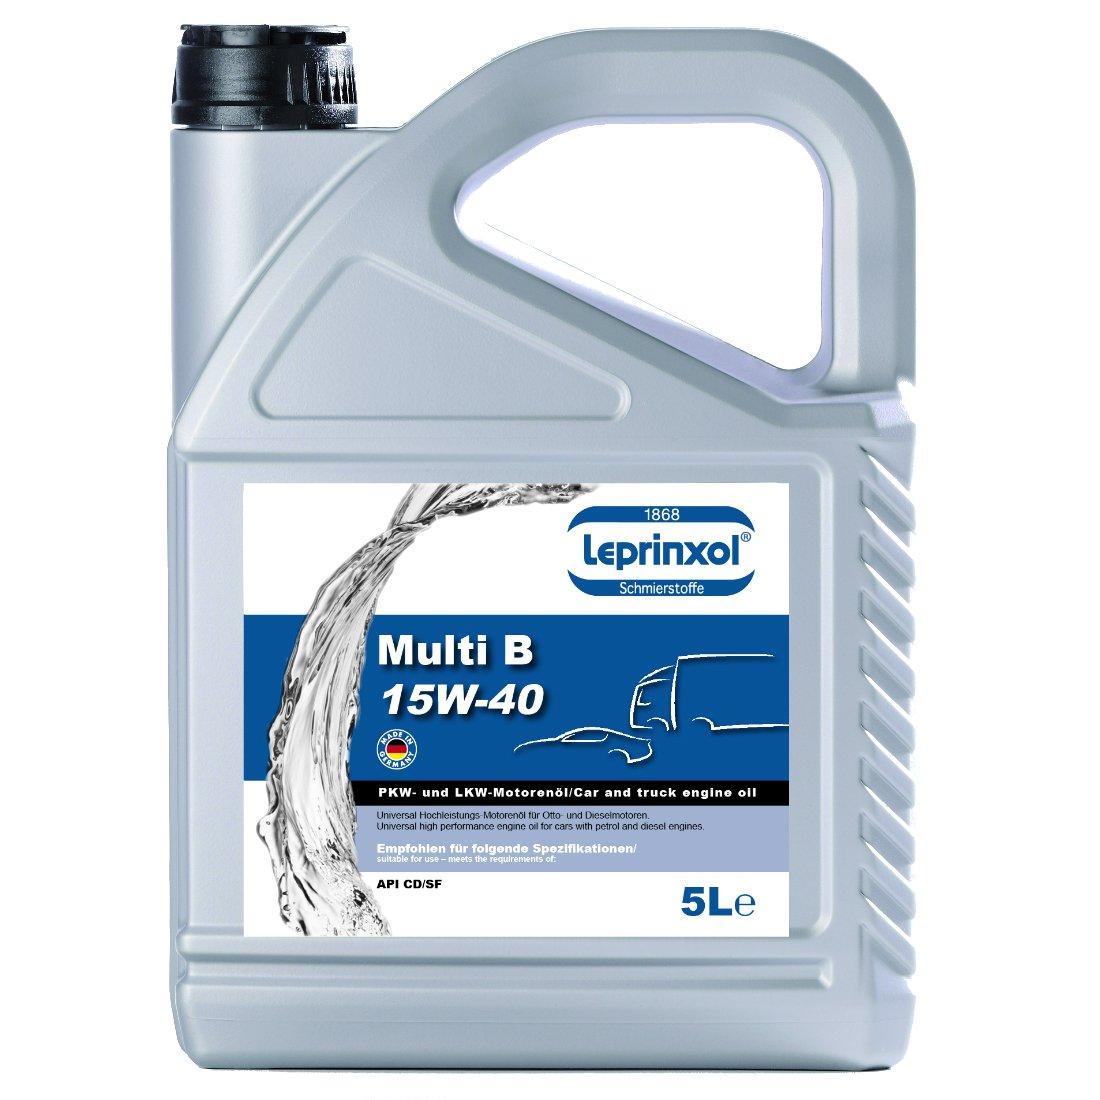 Aceite para motor, 5 litros 15W40, antifricción para motores de gasolina o diesel Leprinxol Multi, 15W-40, para uso todo el añoRecomendado para las ...